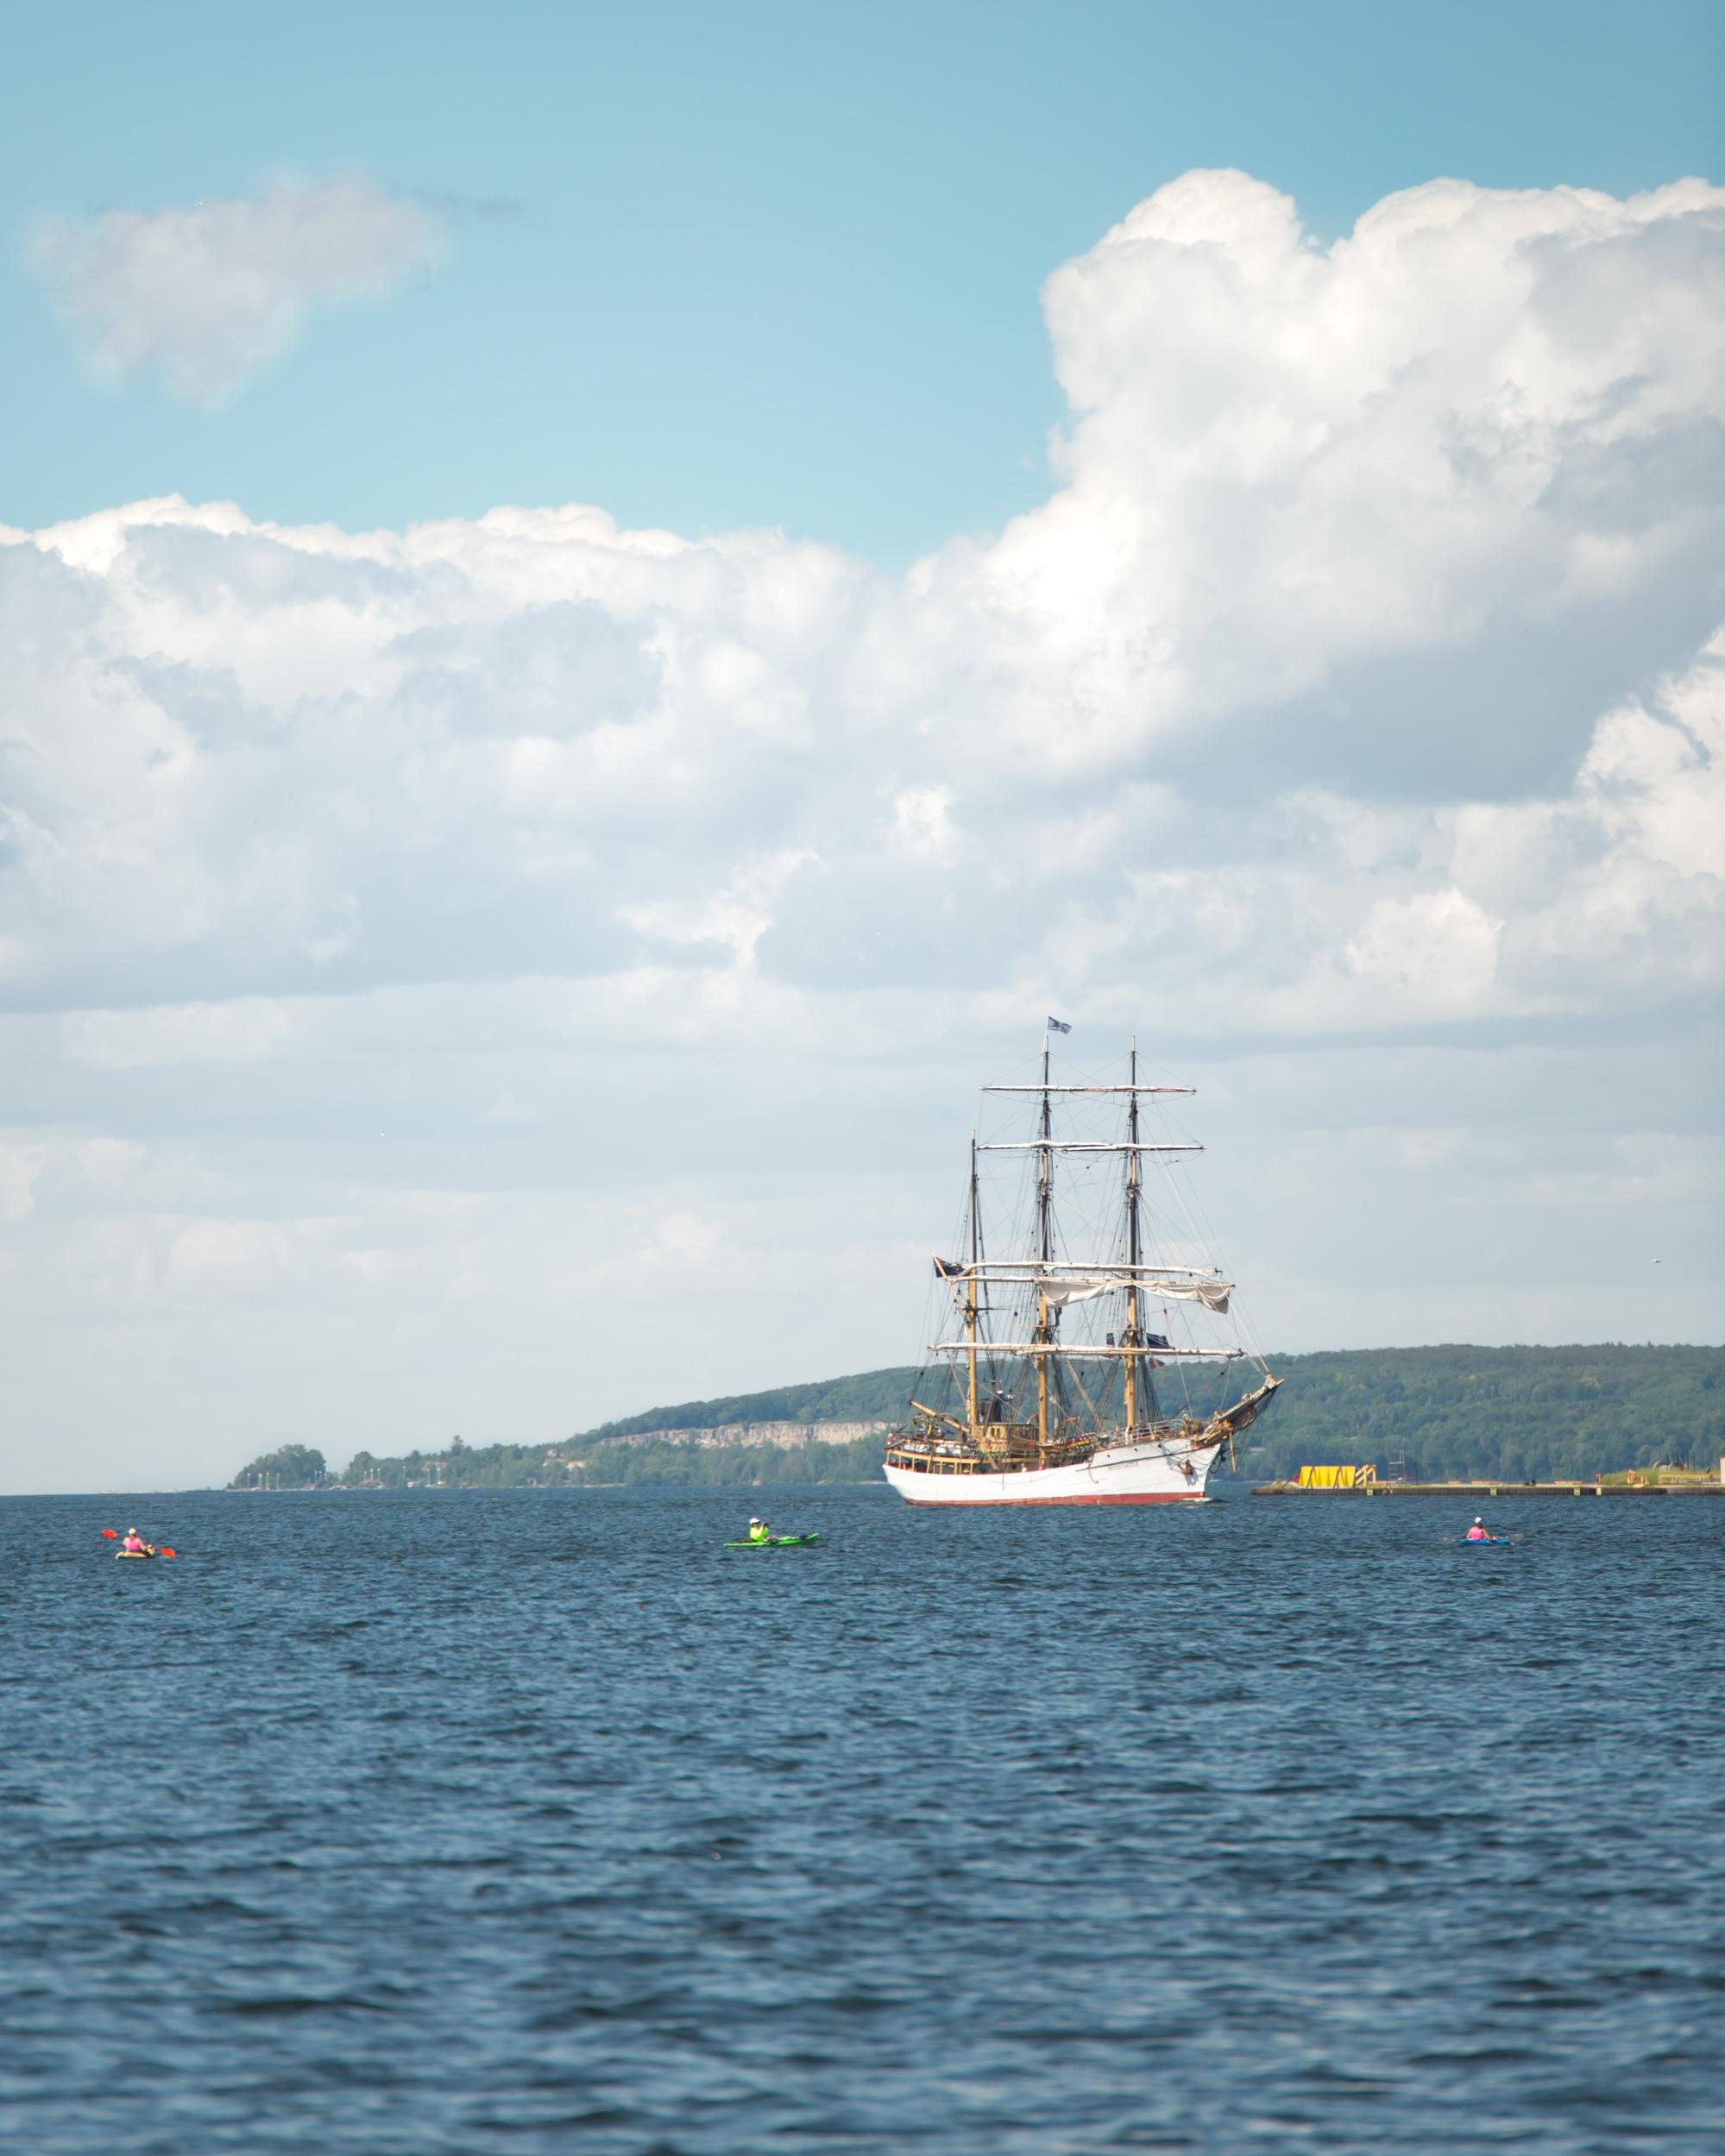 Tall Ships in Sturgeon Bay